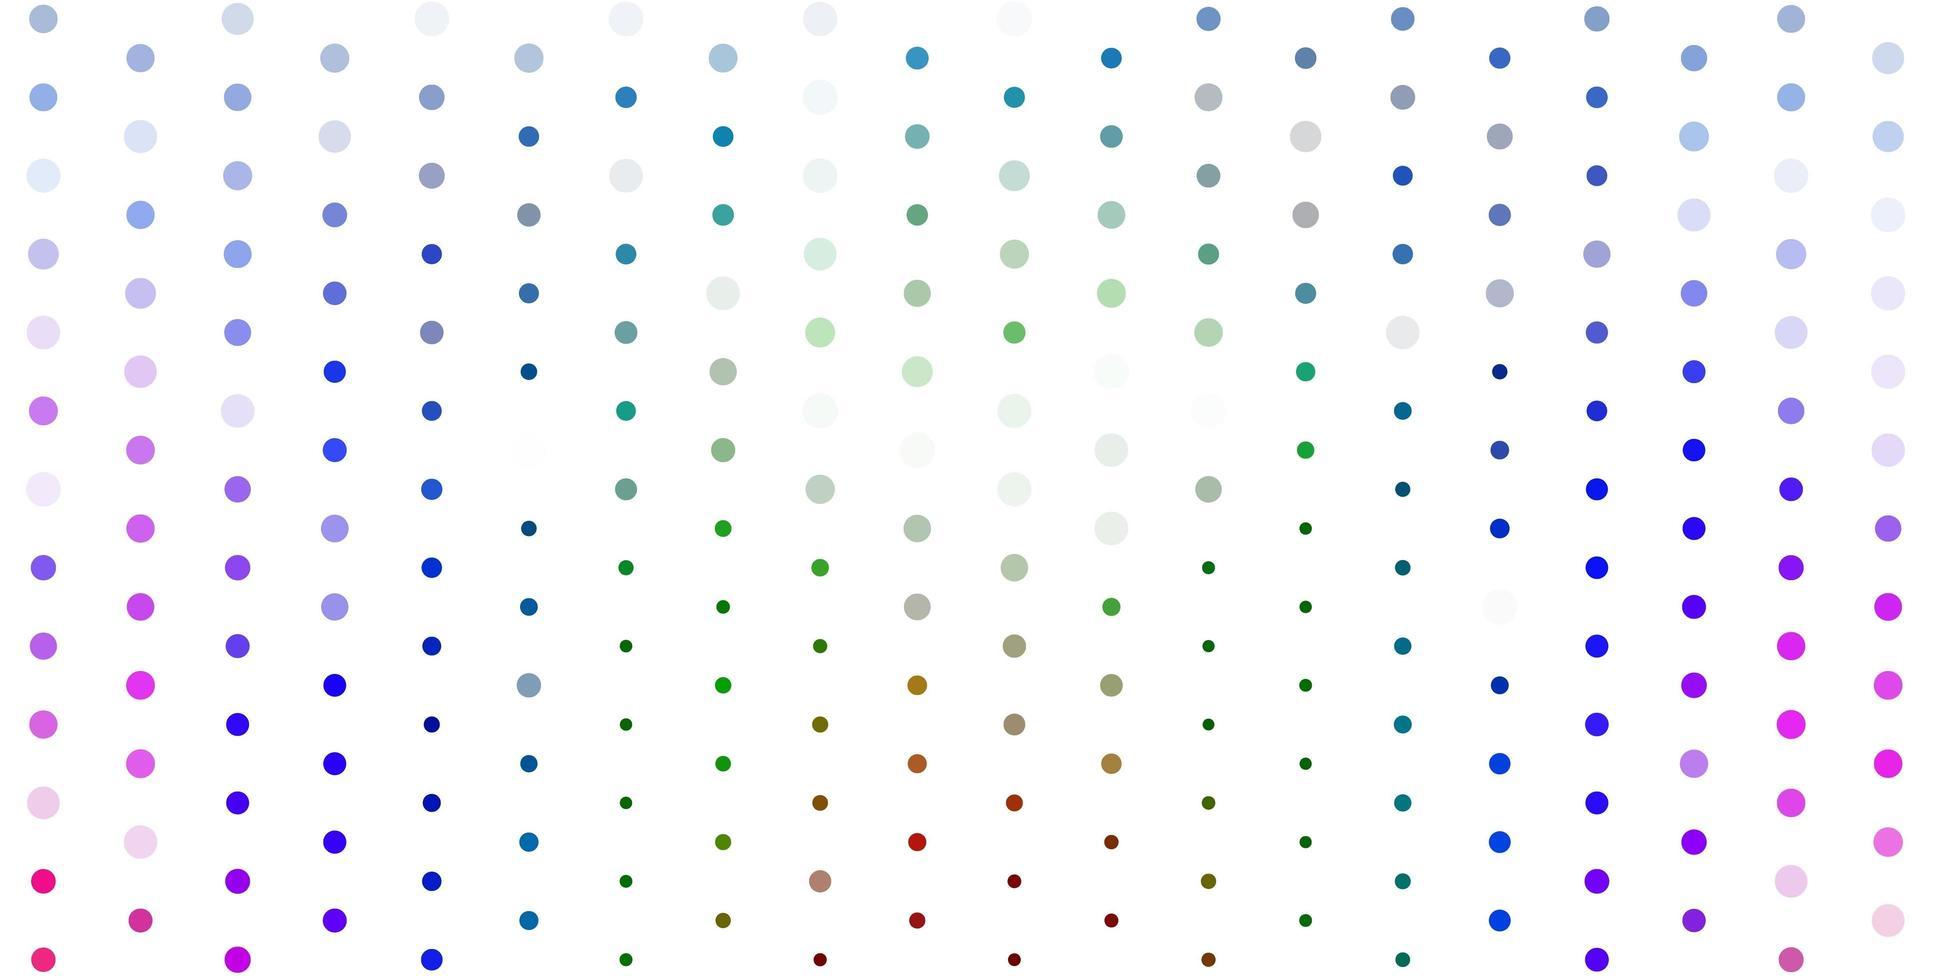 licht veelkleurige vector sjabloon met cirkels.